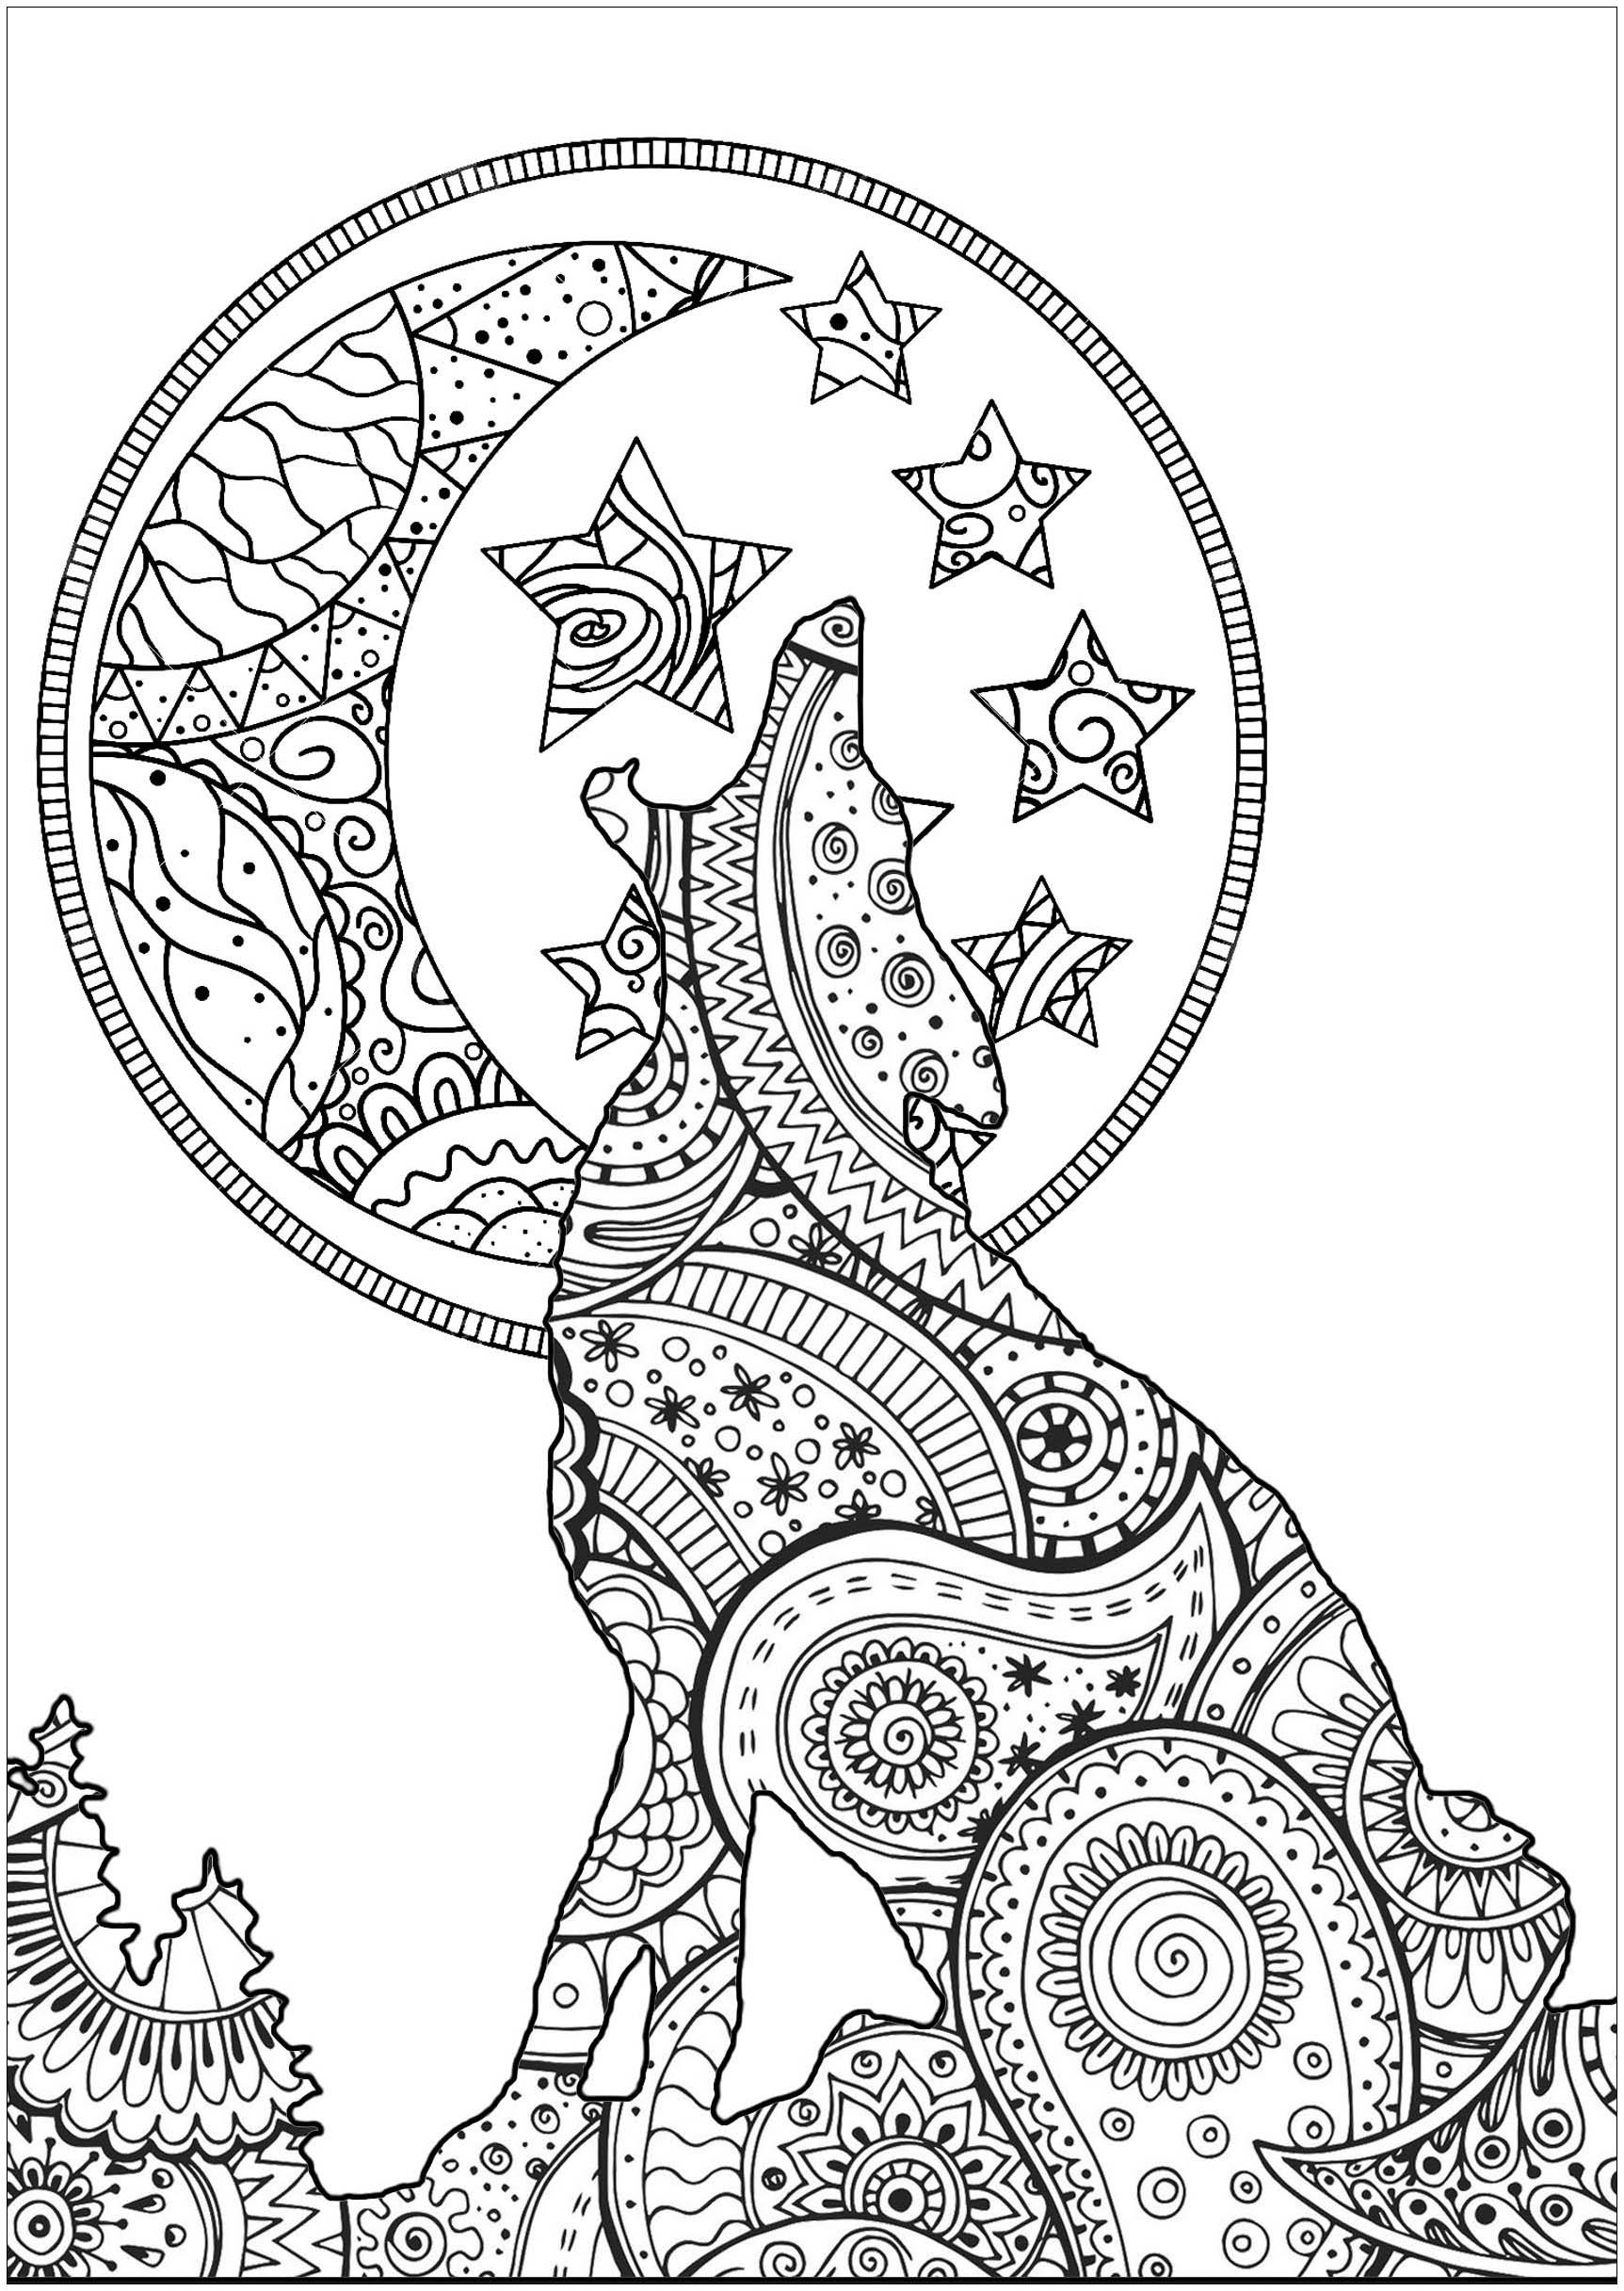 Jolie silhouette de loup au clair de lune, avec motifs mêlant Zentangle et Paisley